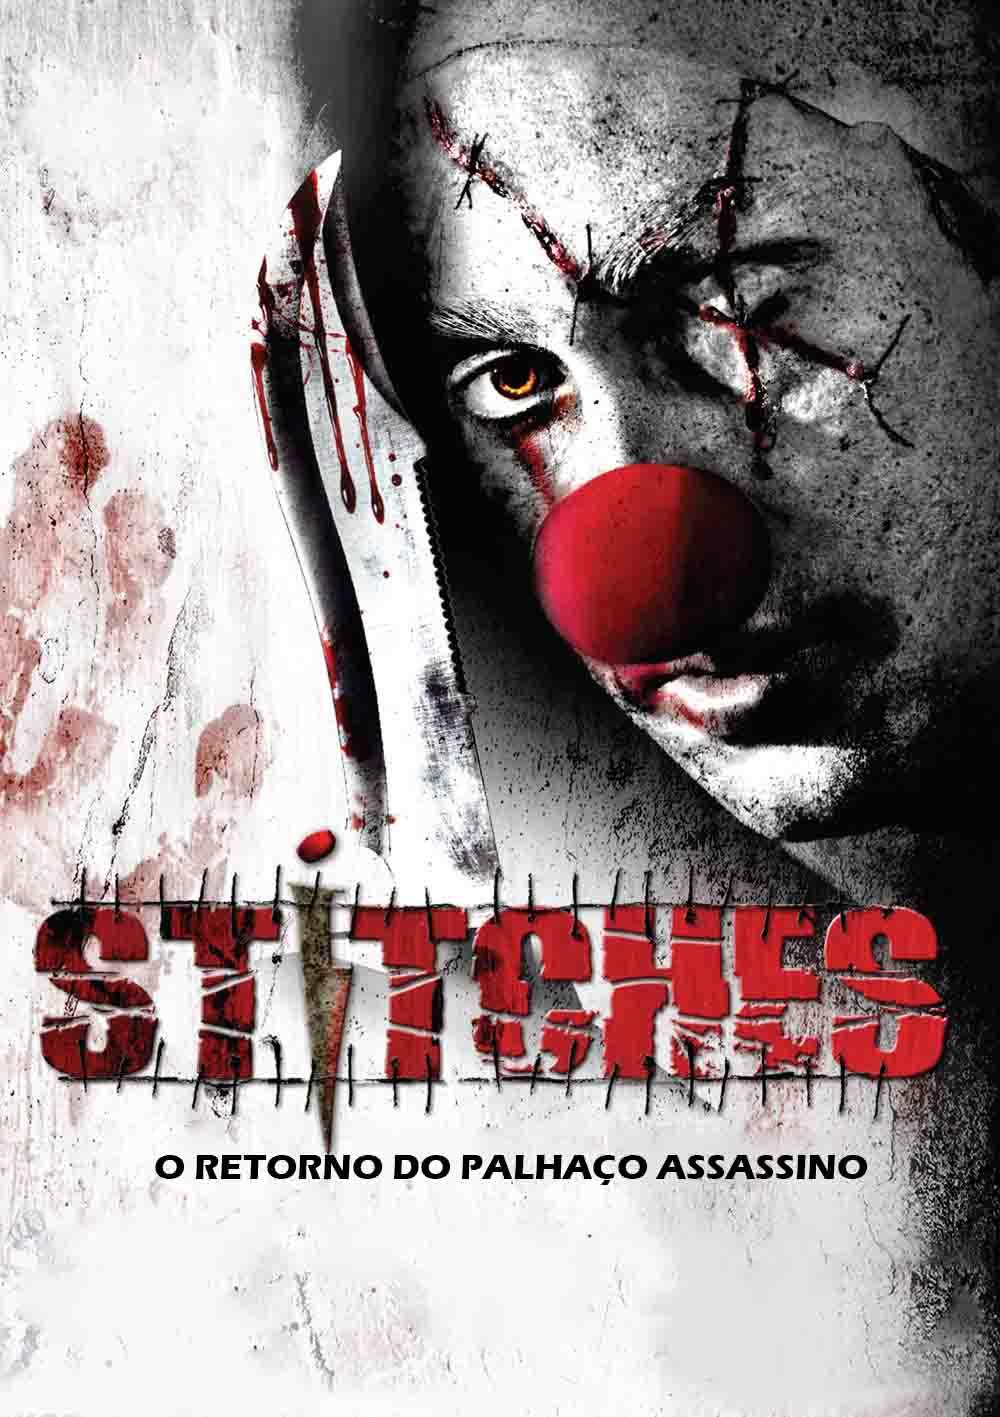 Stitches: O Retorno do Palhaço Assassino Torrent - Blu-ray Rip 1080p Dual Áudio (2014)